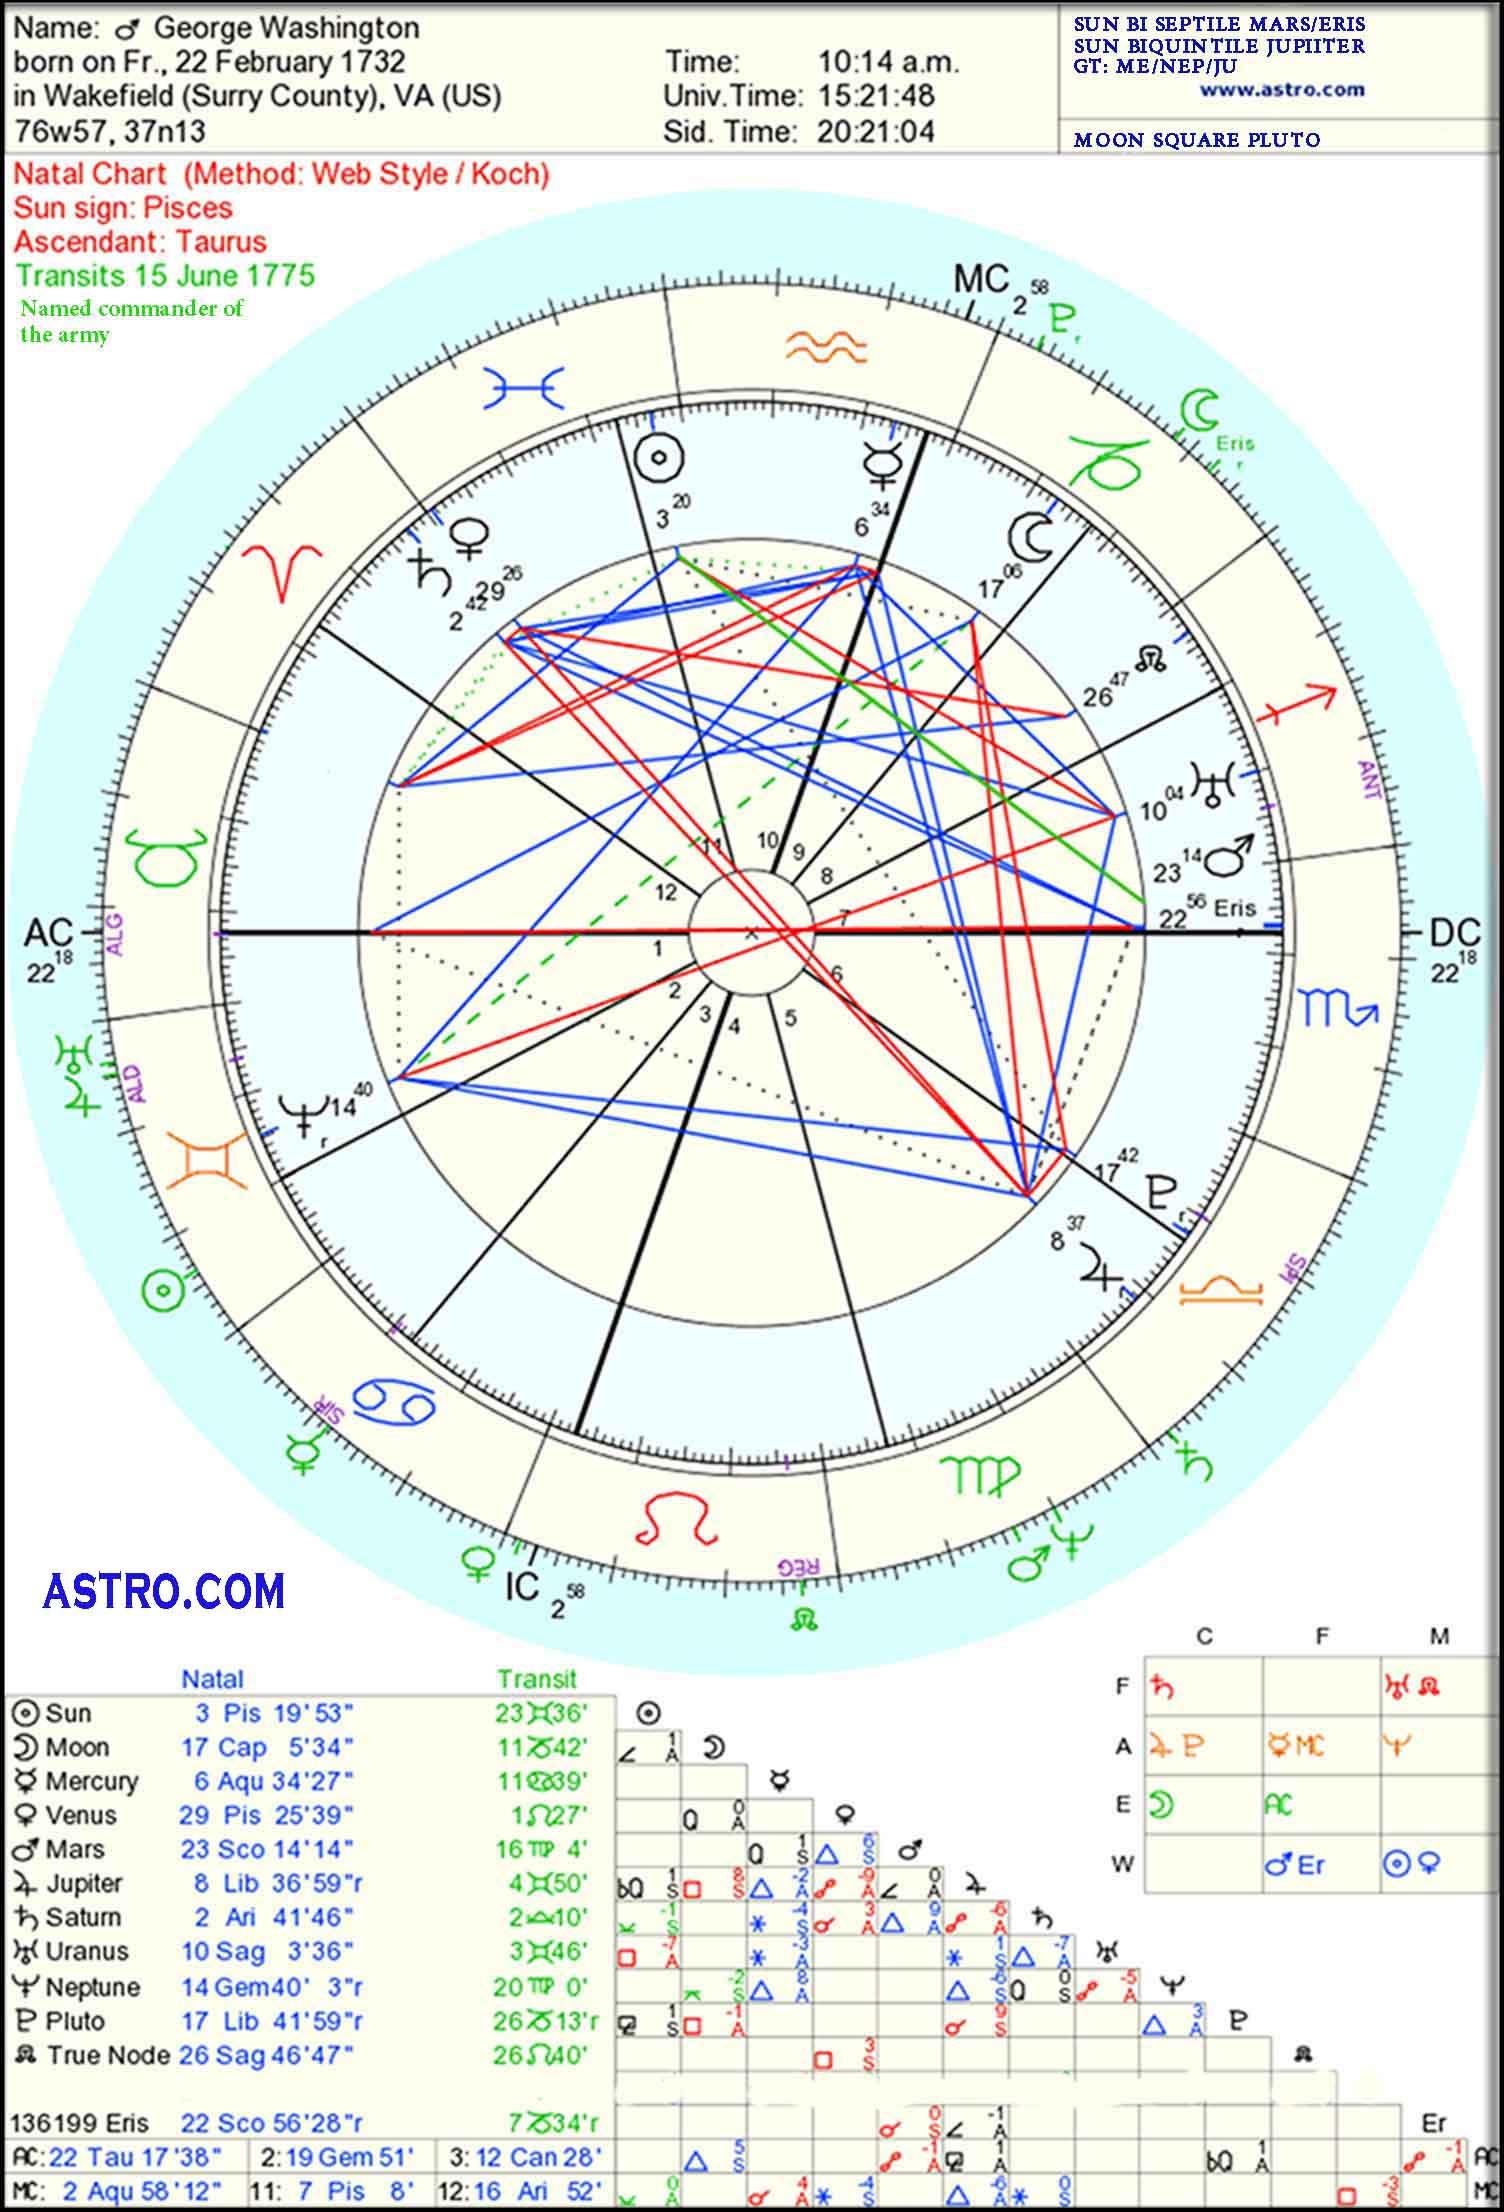 Horoscope of George Washington